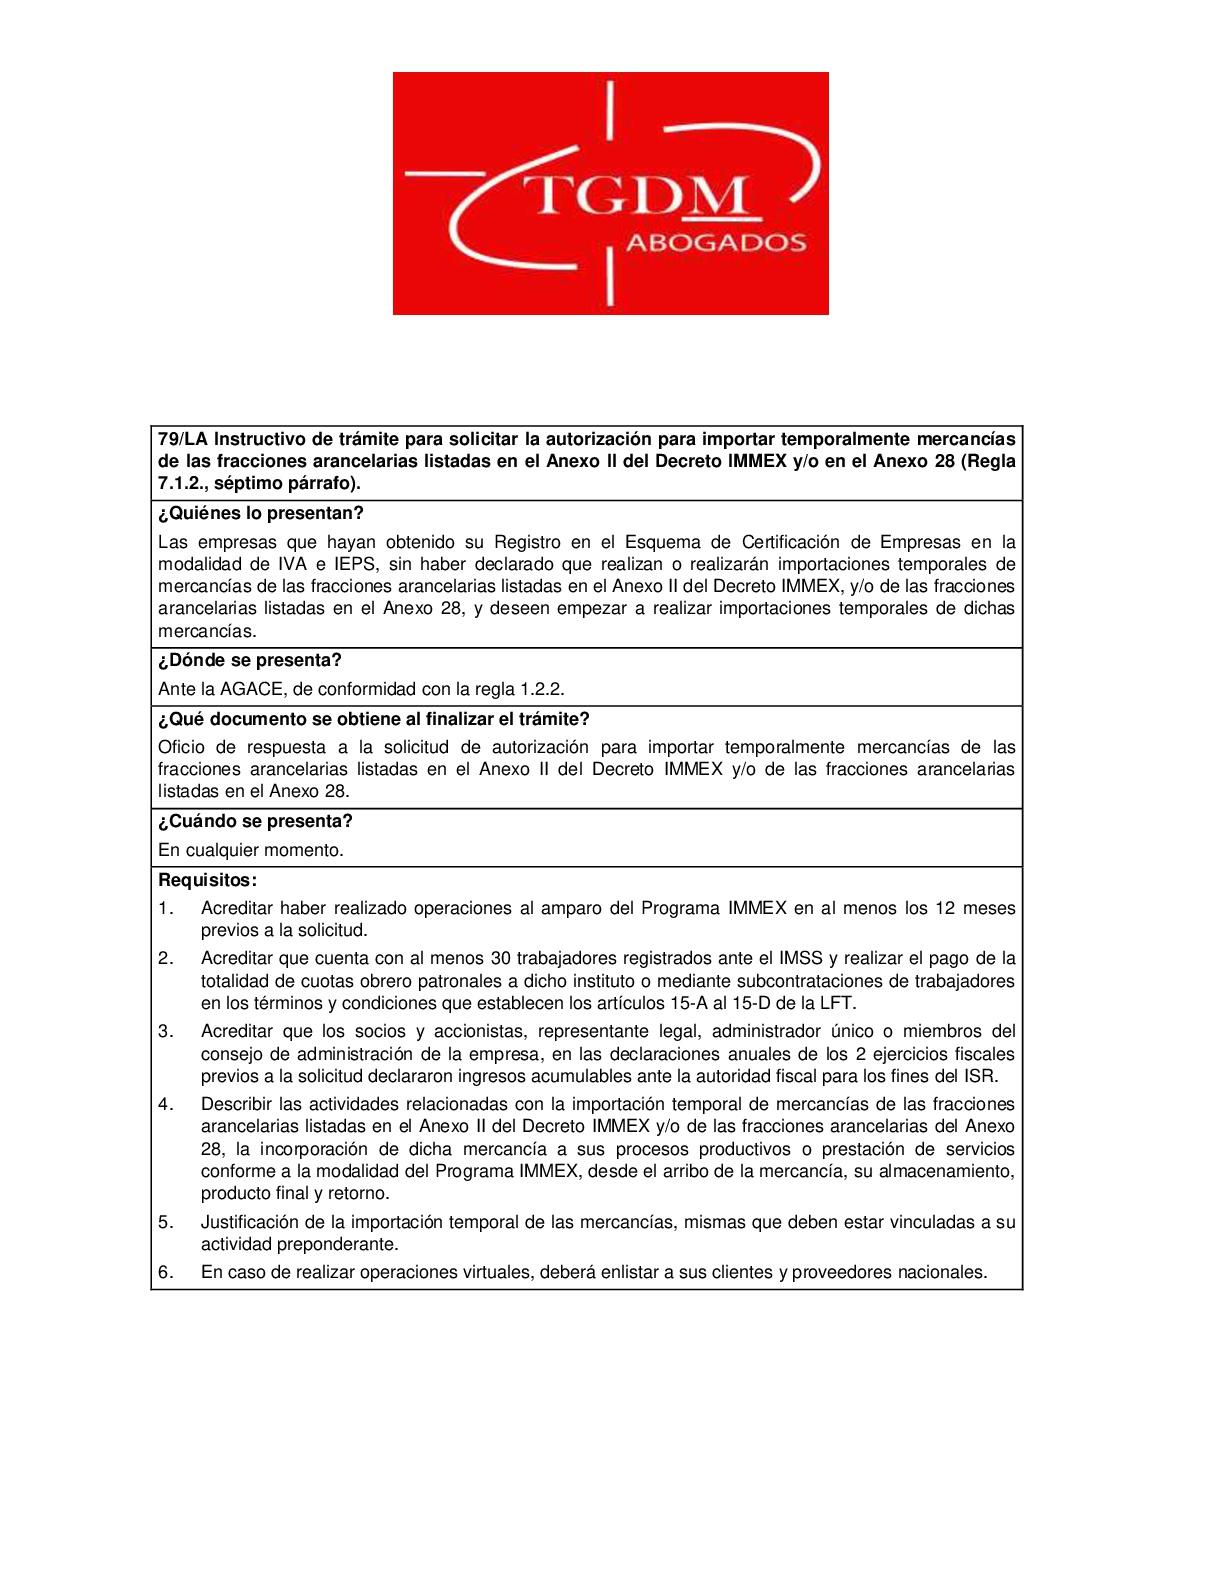 Instructivo de tramite para solicitar autorizacion para importar temporalmente mercancias de las fracciones arancelarias listadas en el Anexo II del decreto IMMEX y-o en el Anexo 28.-001